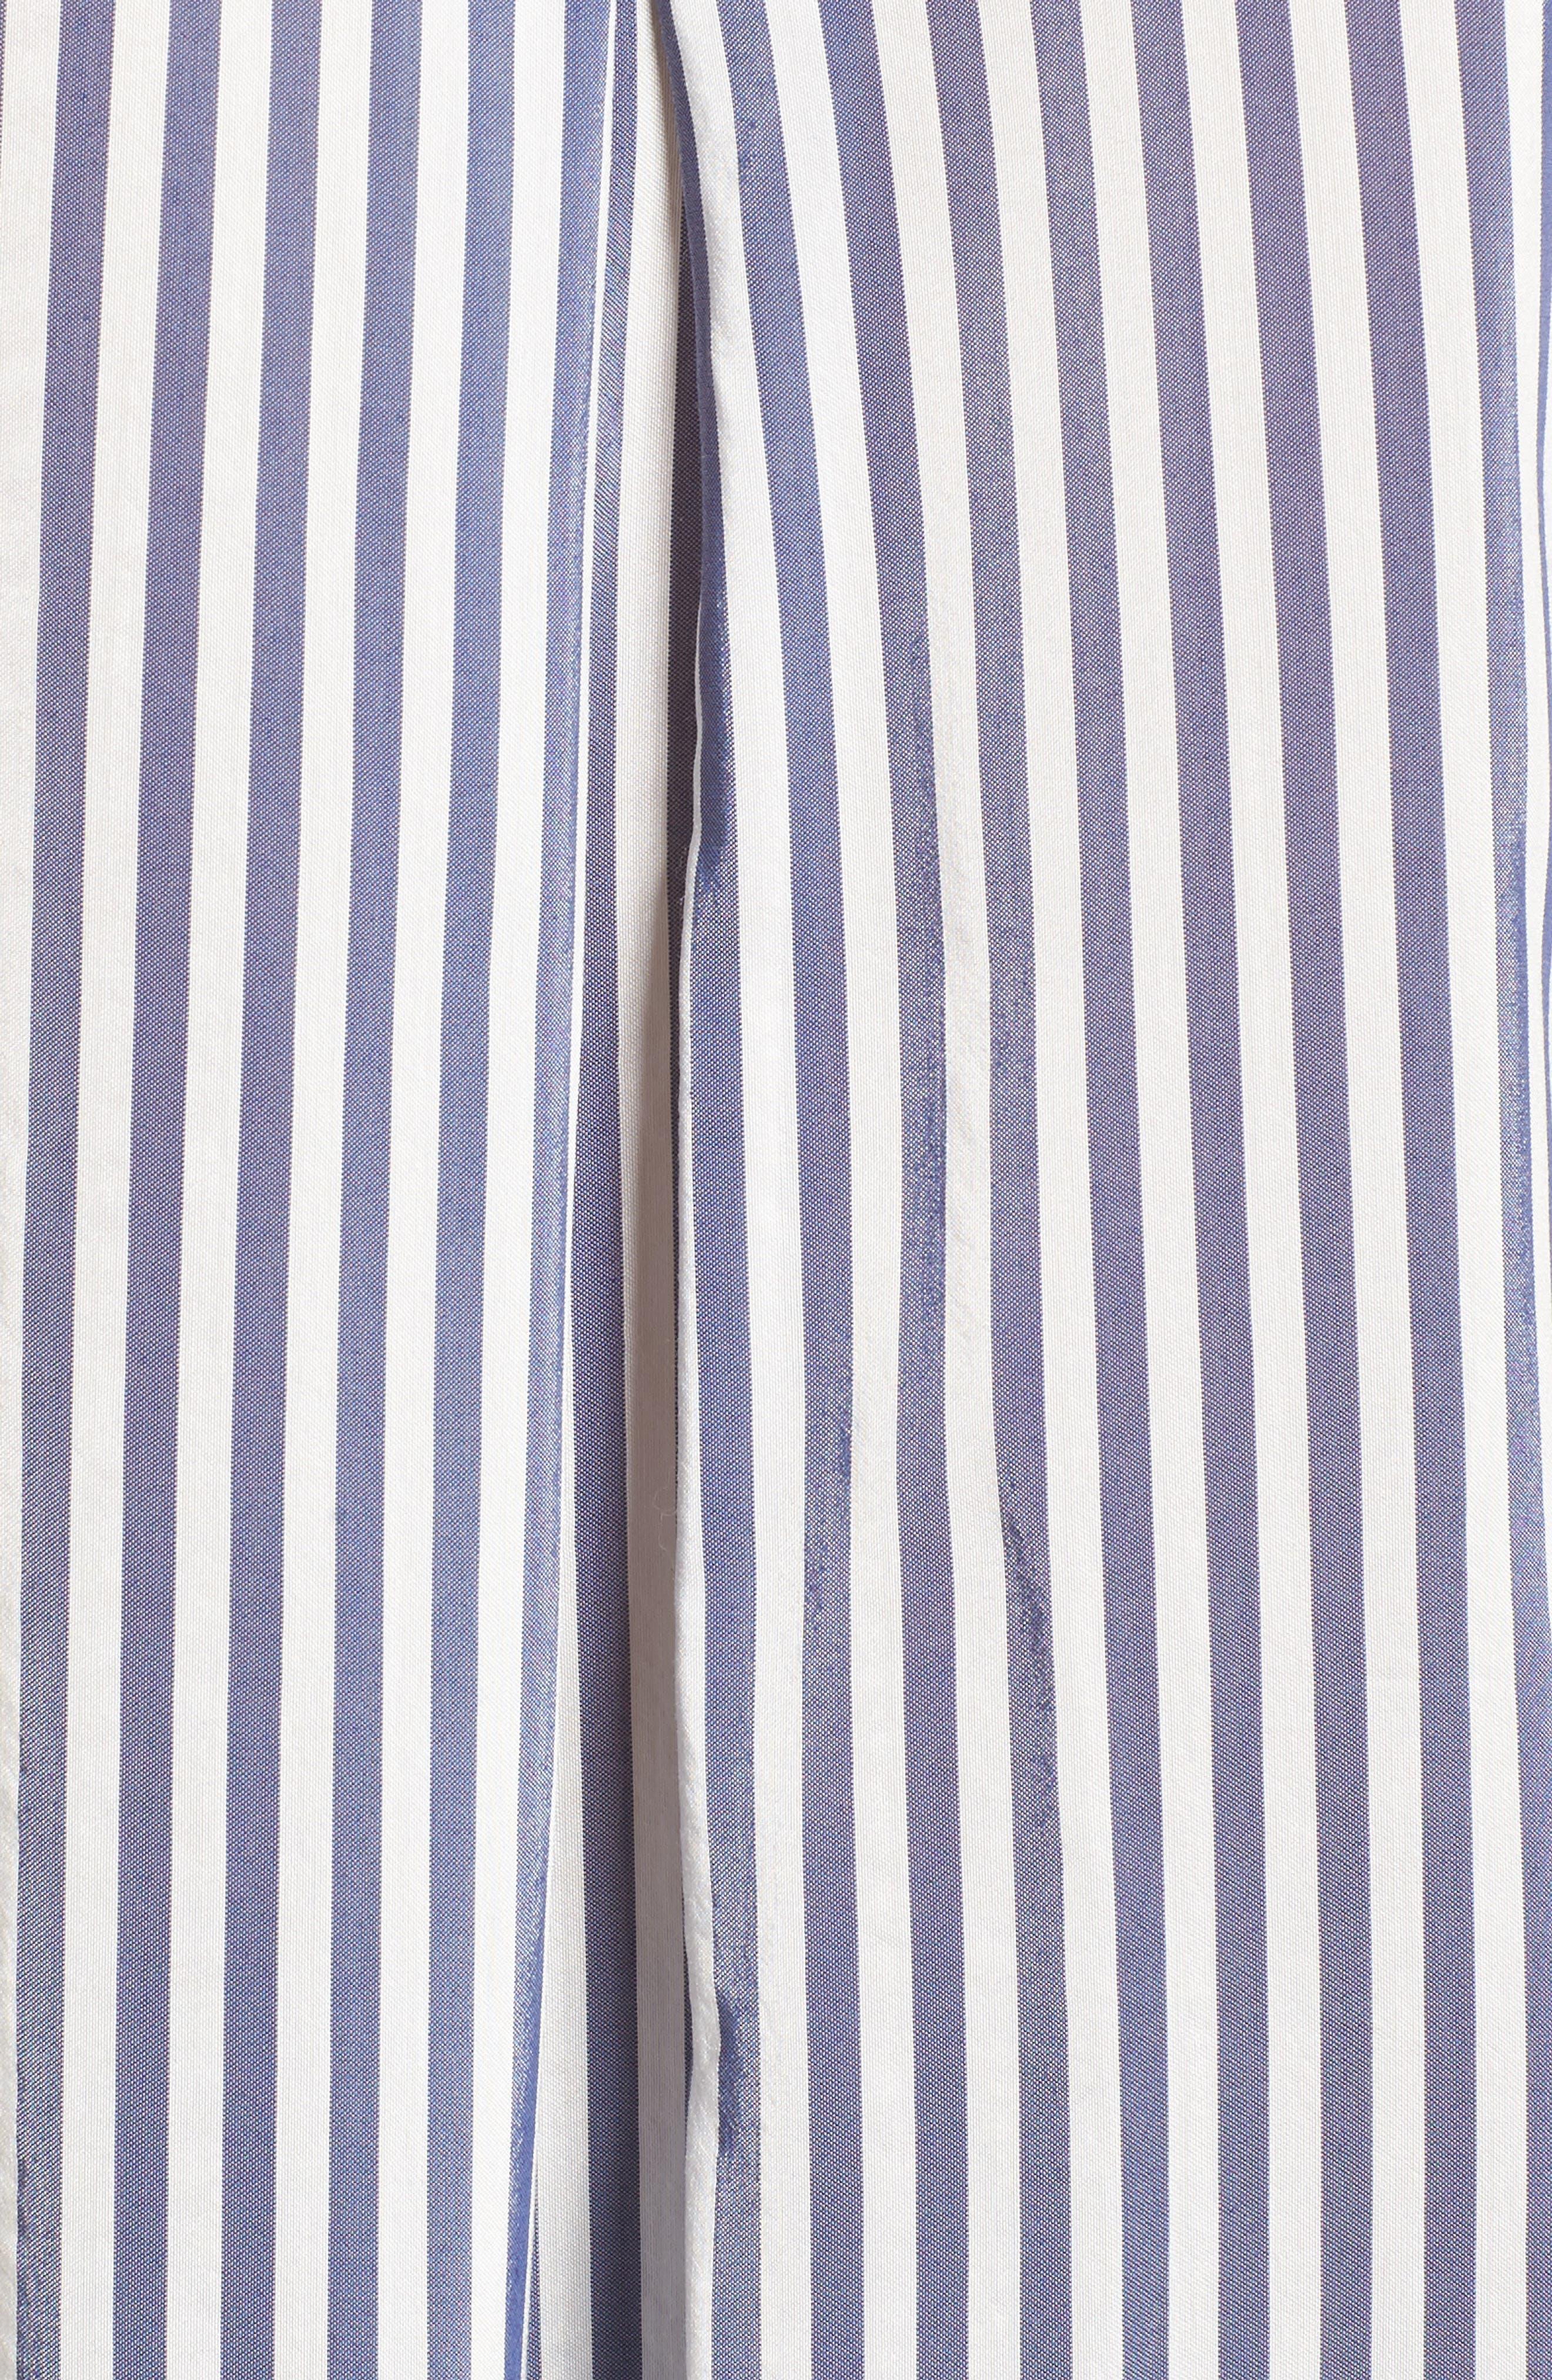 Stripe Shirt,                             Alternate thumbnail 5, color,                             410